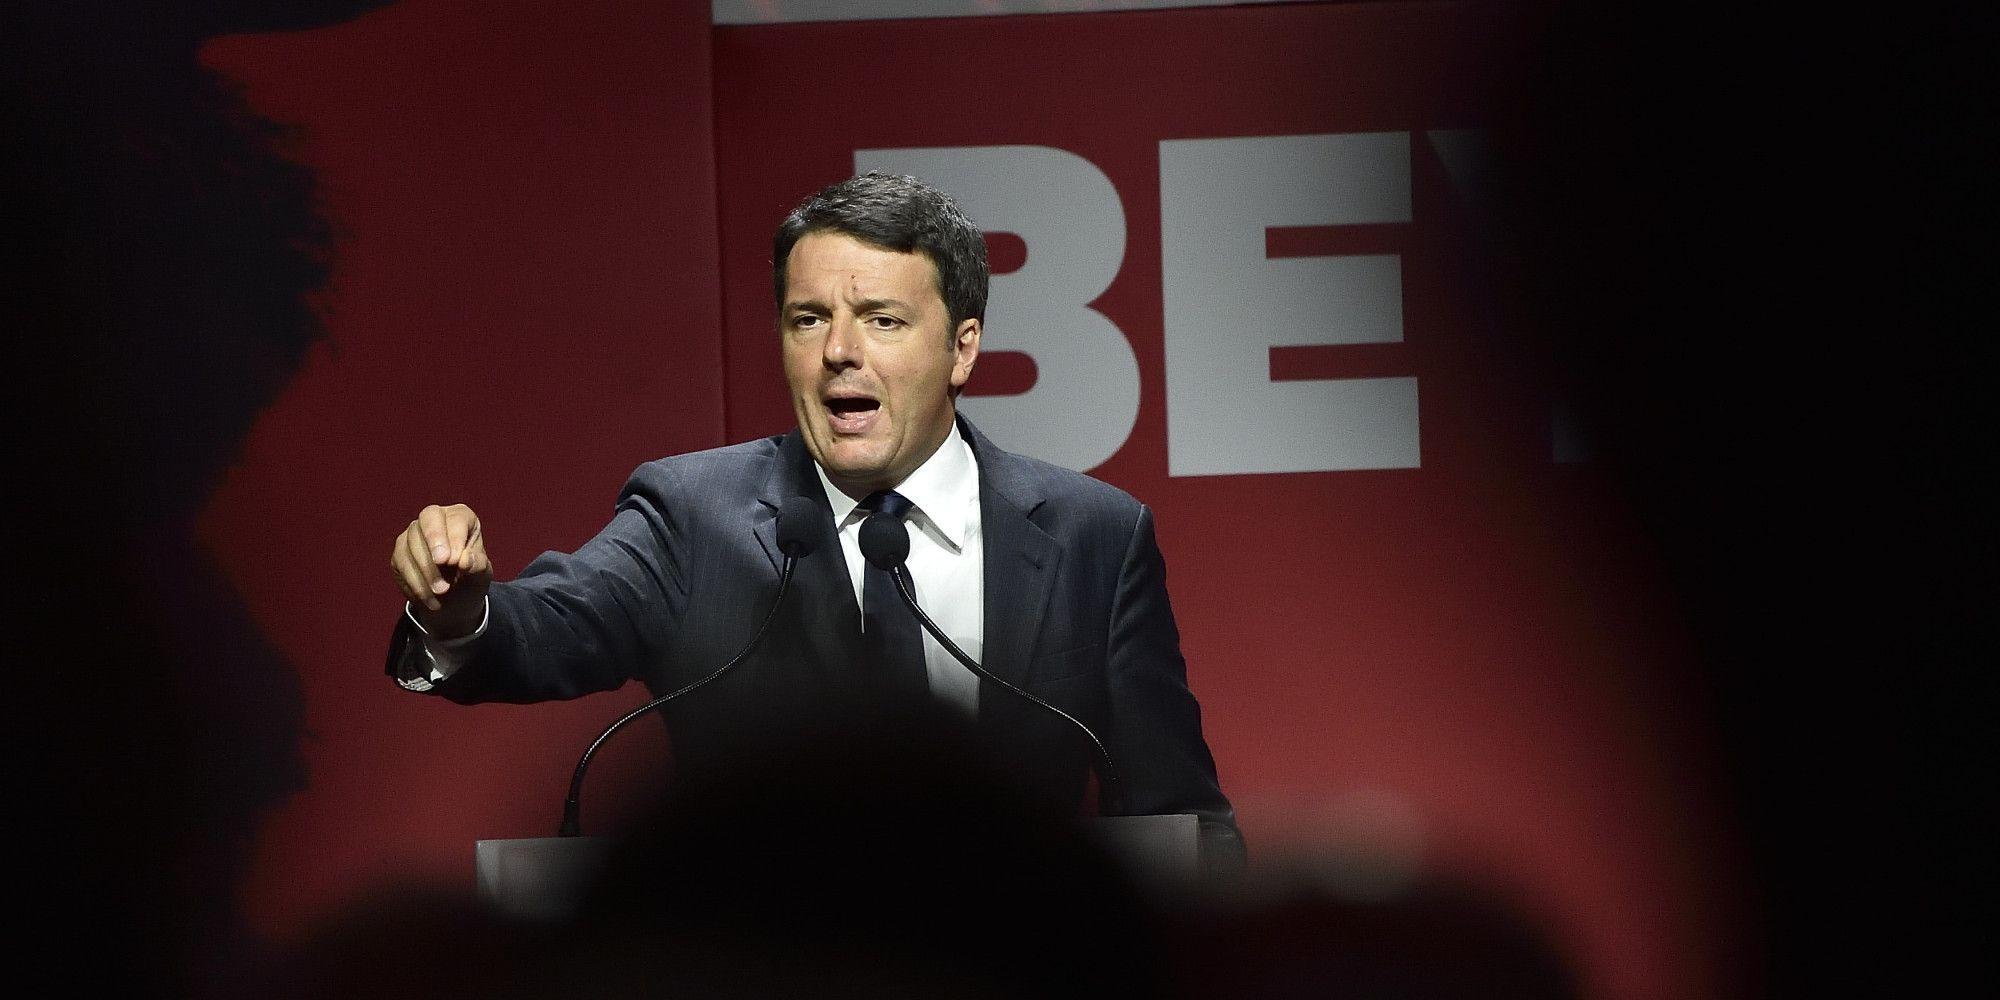 Direzione Pd Matteo Renzi vuole scaricare le responsabilità sulla minoranza. Bersani&co sul piede di guerra - L'Huffington Post